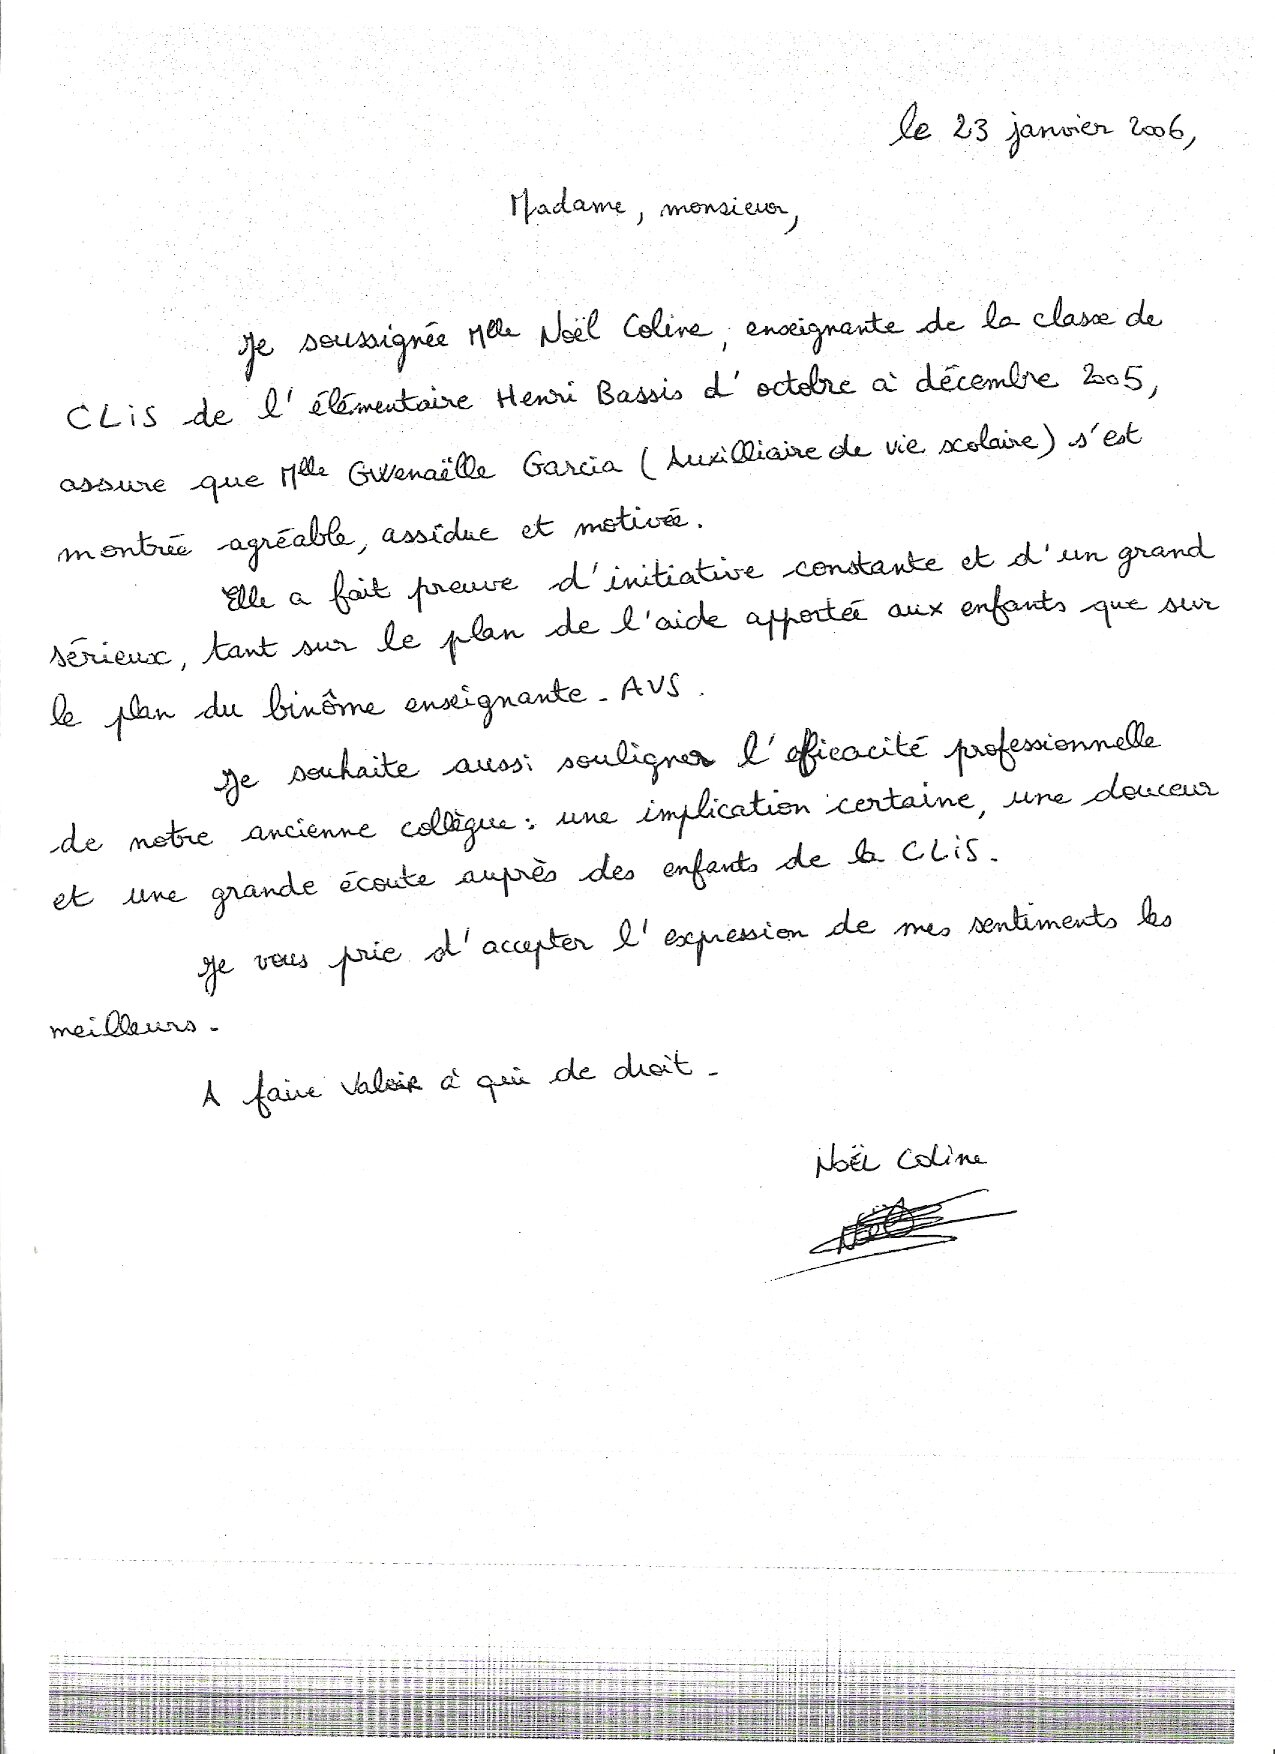 lettre de recommandation en espagnol AVS en CLIS (groupe scolaire Henri Bassis de Champigny sur Marne  lettre de recommandation en espagnol